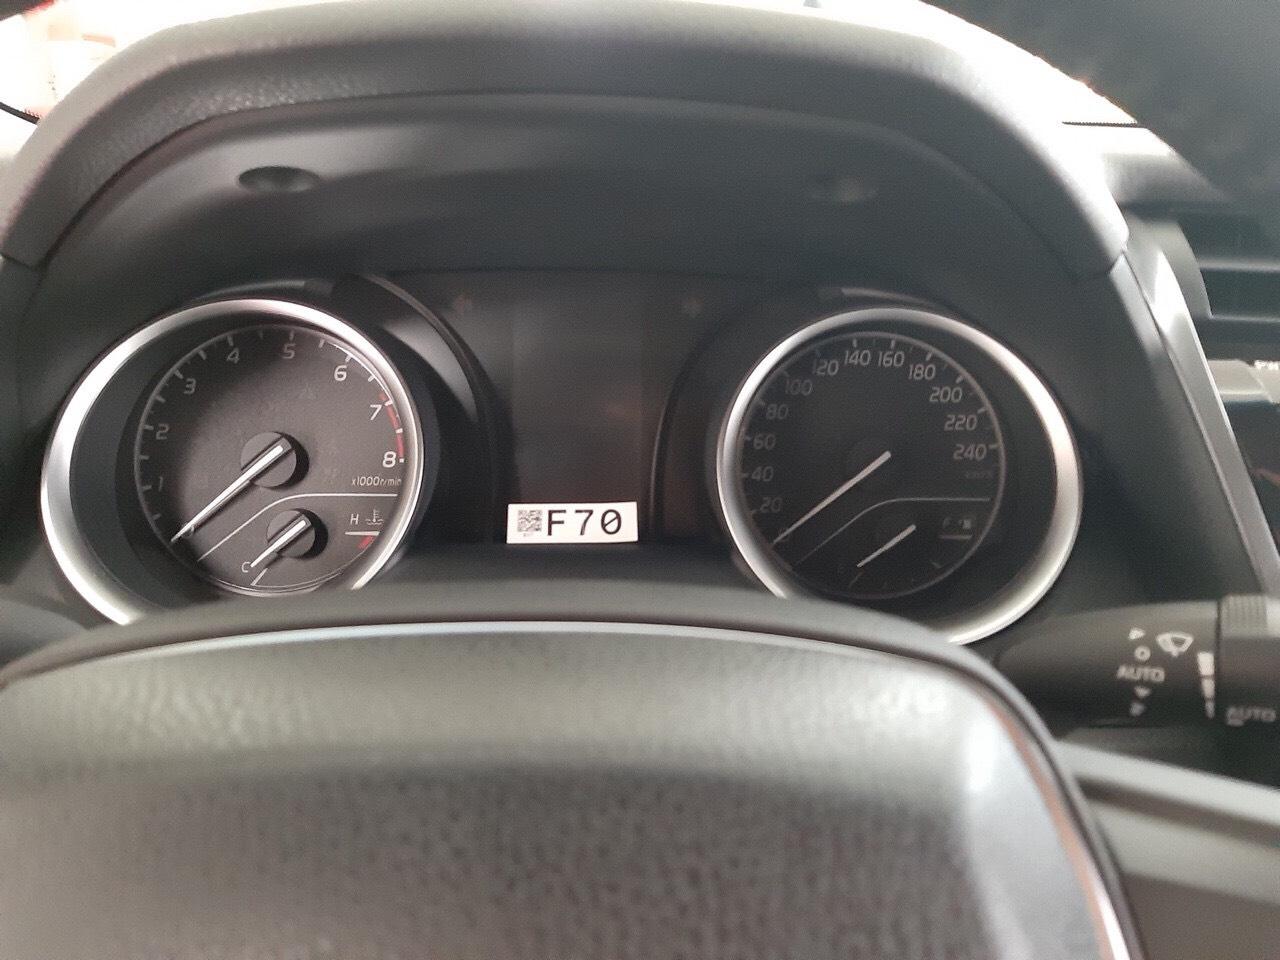 Toyota Camry 2.5Q ảnh 1 - Camry 2.5Q [hienthinam]: giá xe và khuyến mãi tháng [hienthithang]